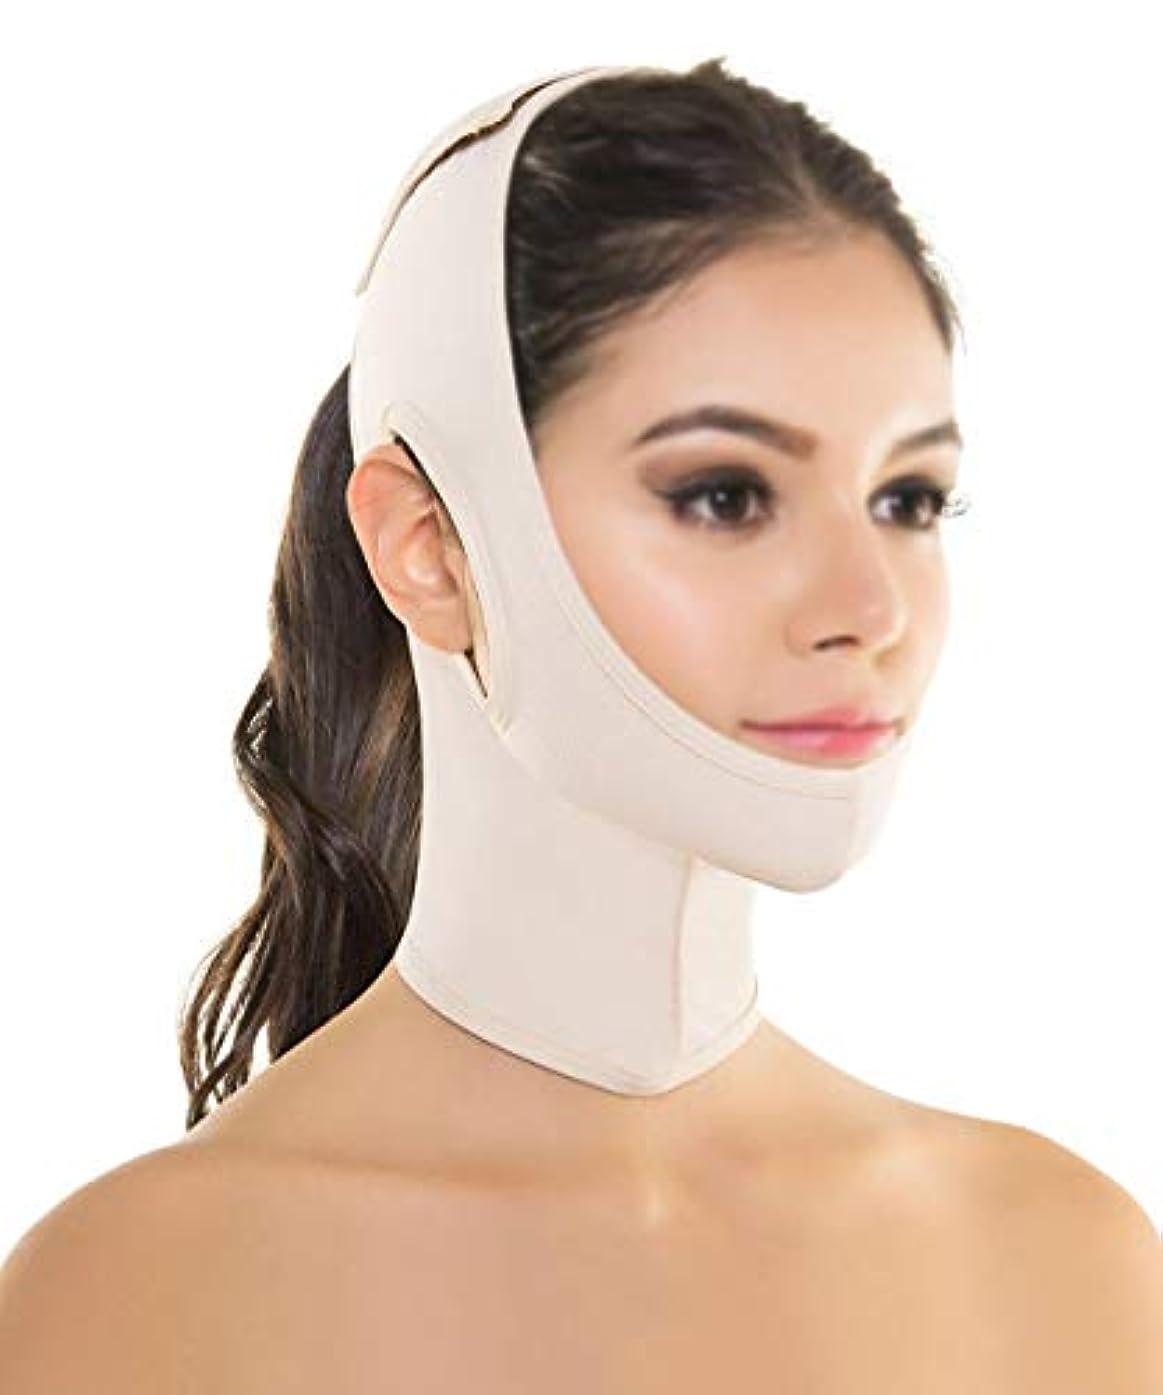 ペット言語以前はフェイスリフトマスク、シリコーンVフェイスマスクリフティングフェイスマスクフェイスリフティングアーティファクトリフティングダブルあご術後包帯顔と首リフト (Color : Skin tone)